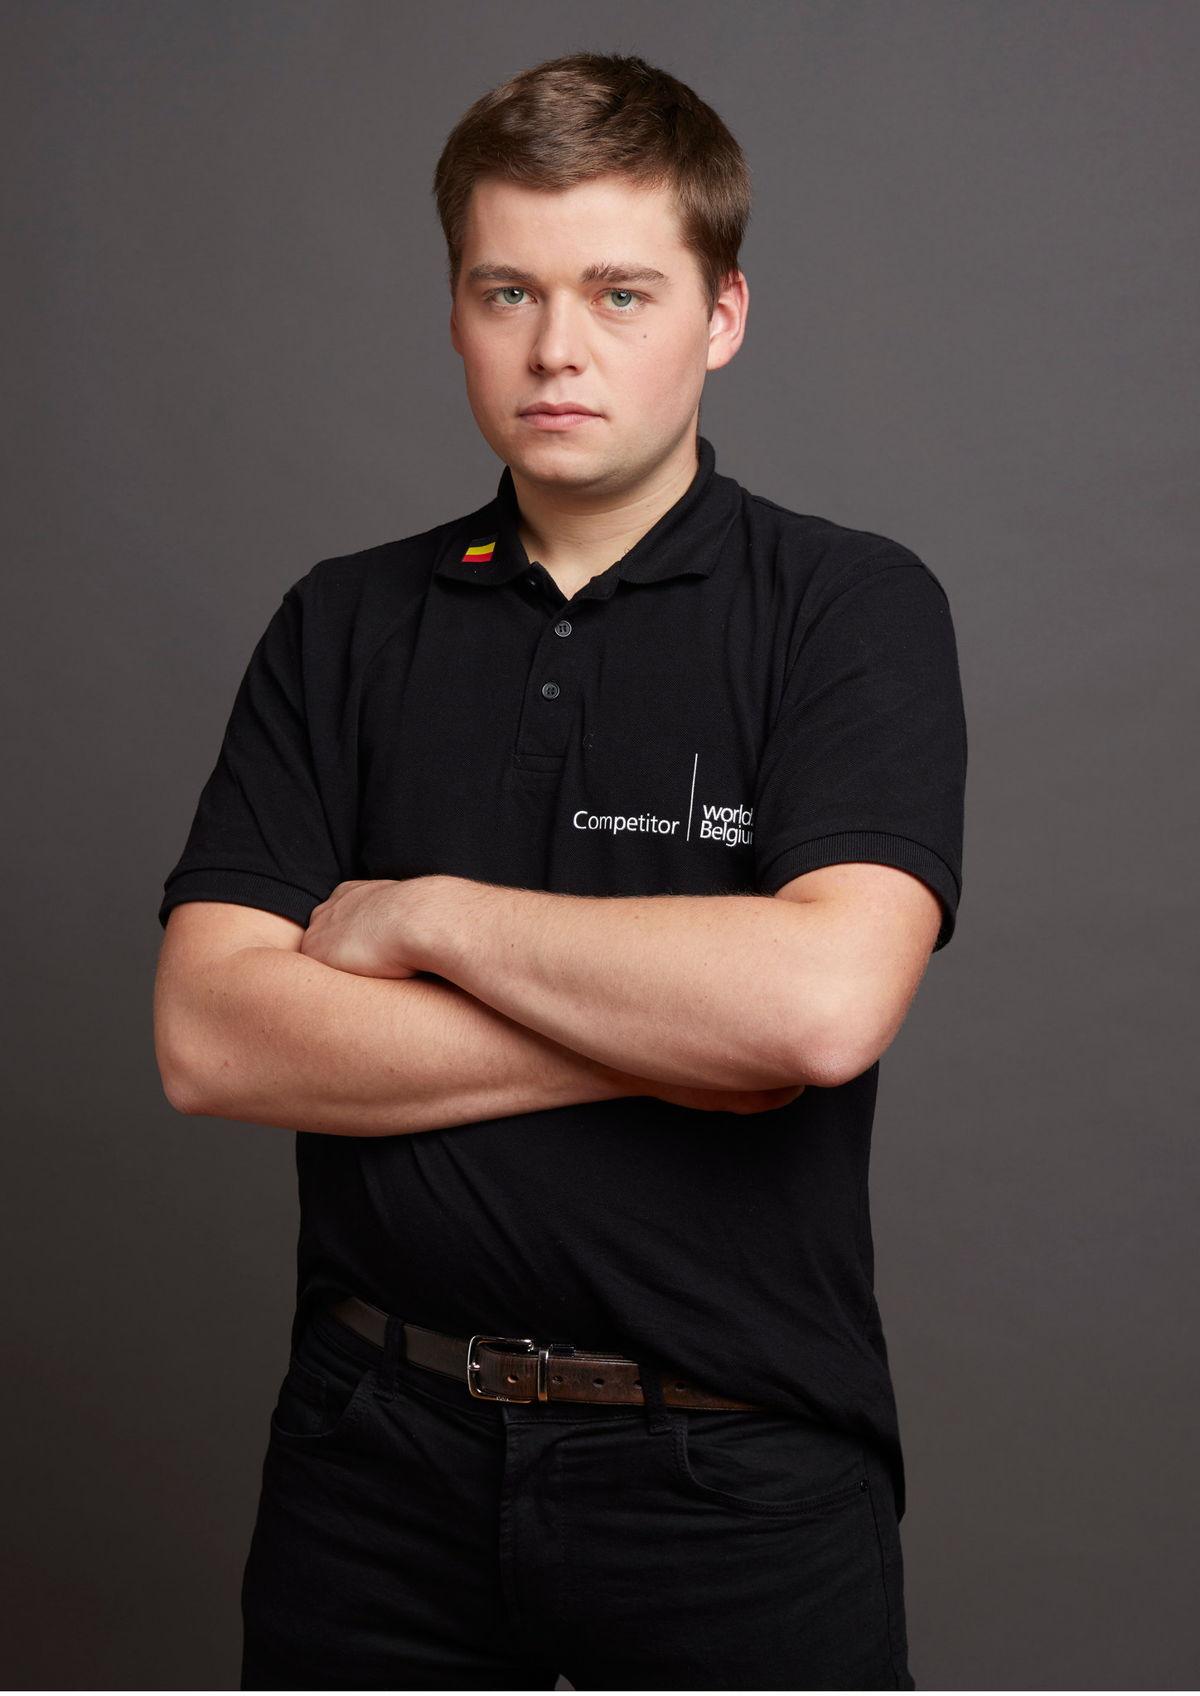 Guillaume Hermans, 21 ans, participe à son premier concours international